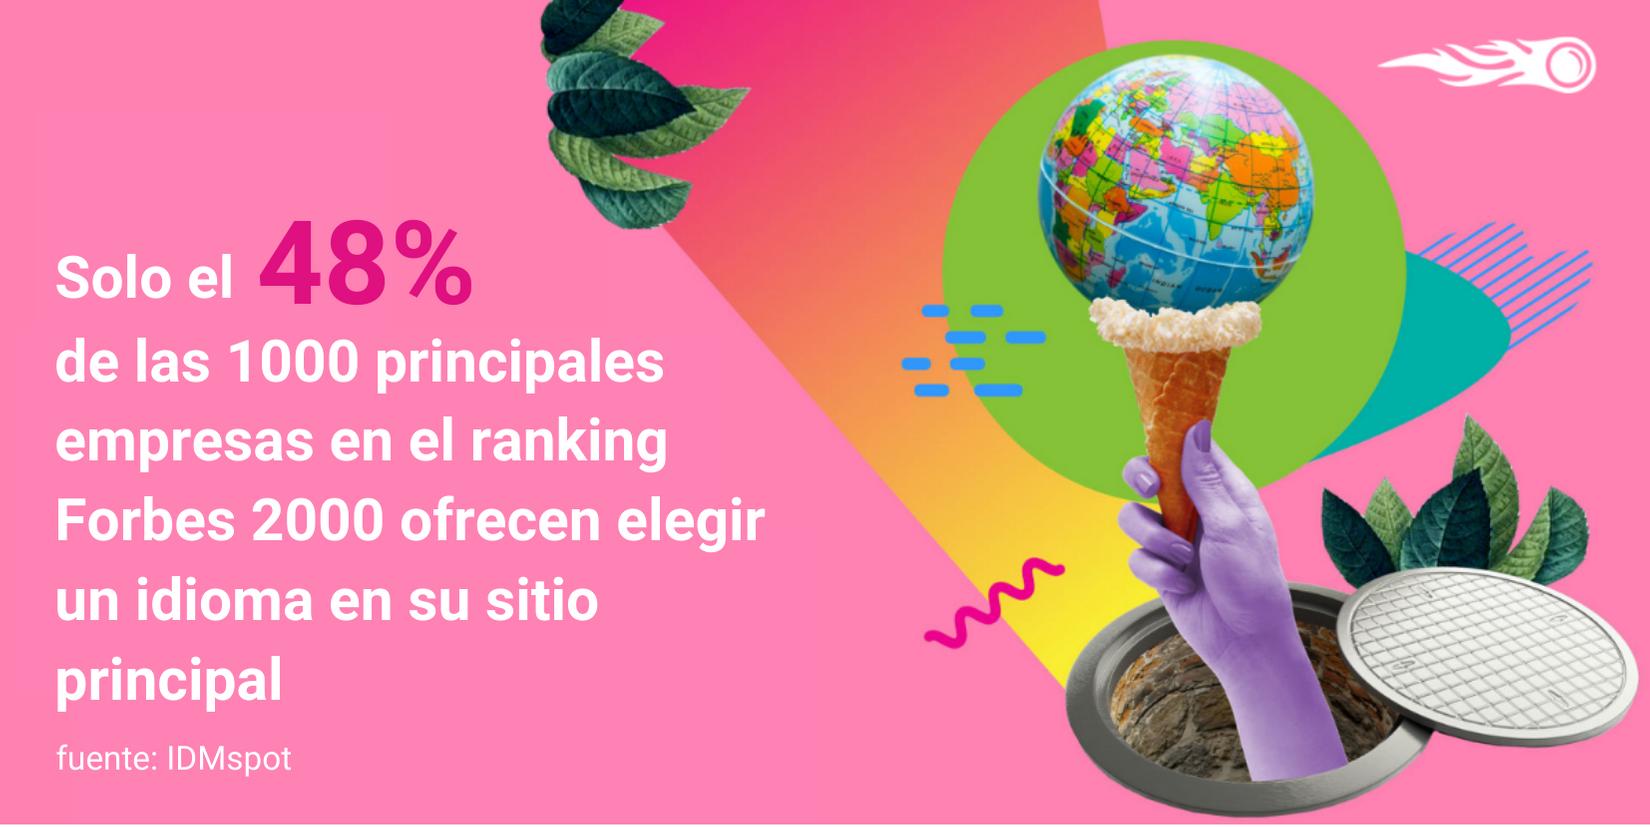 50 estadísticas clave para estrategia SEO interanacional - Comportamiento de empresas